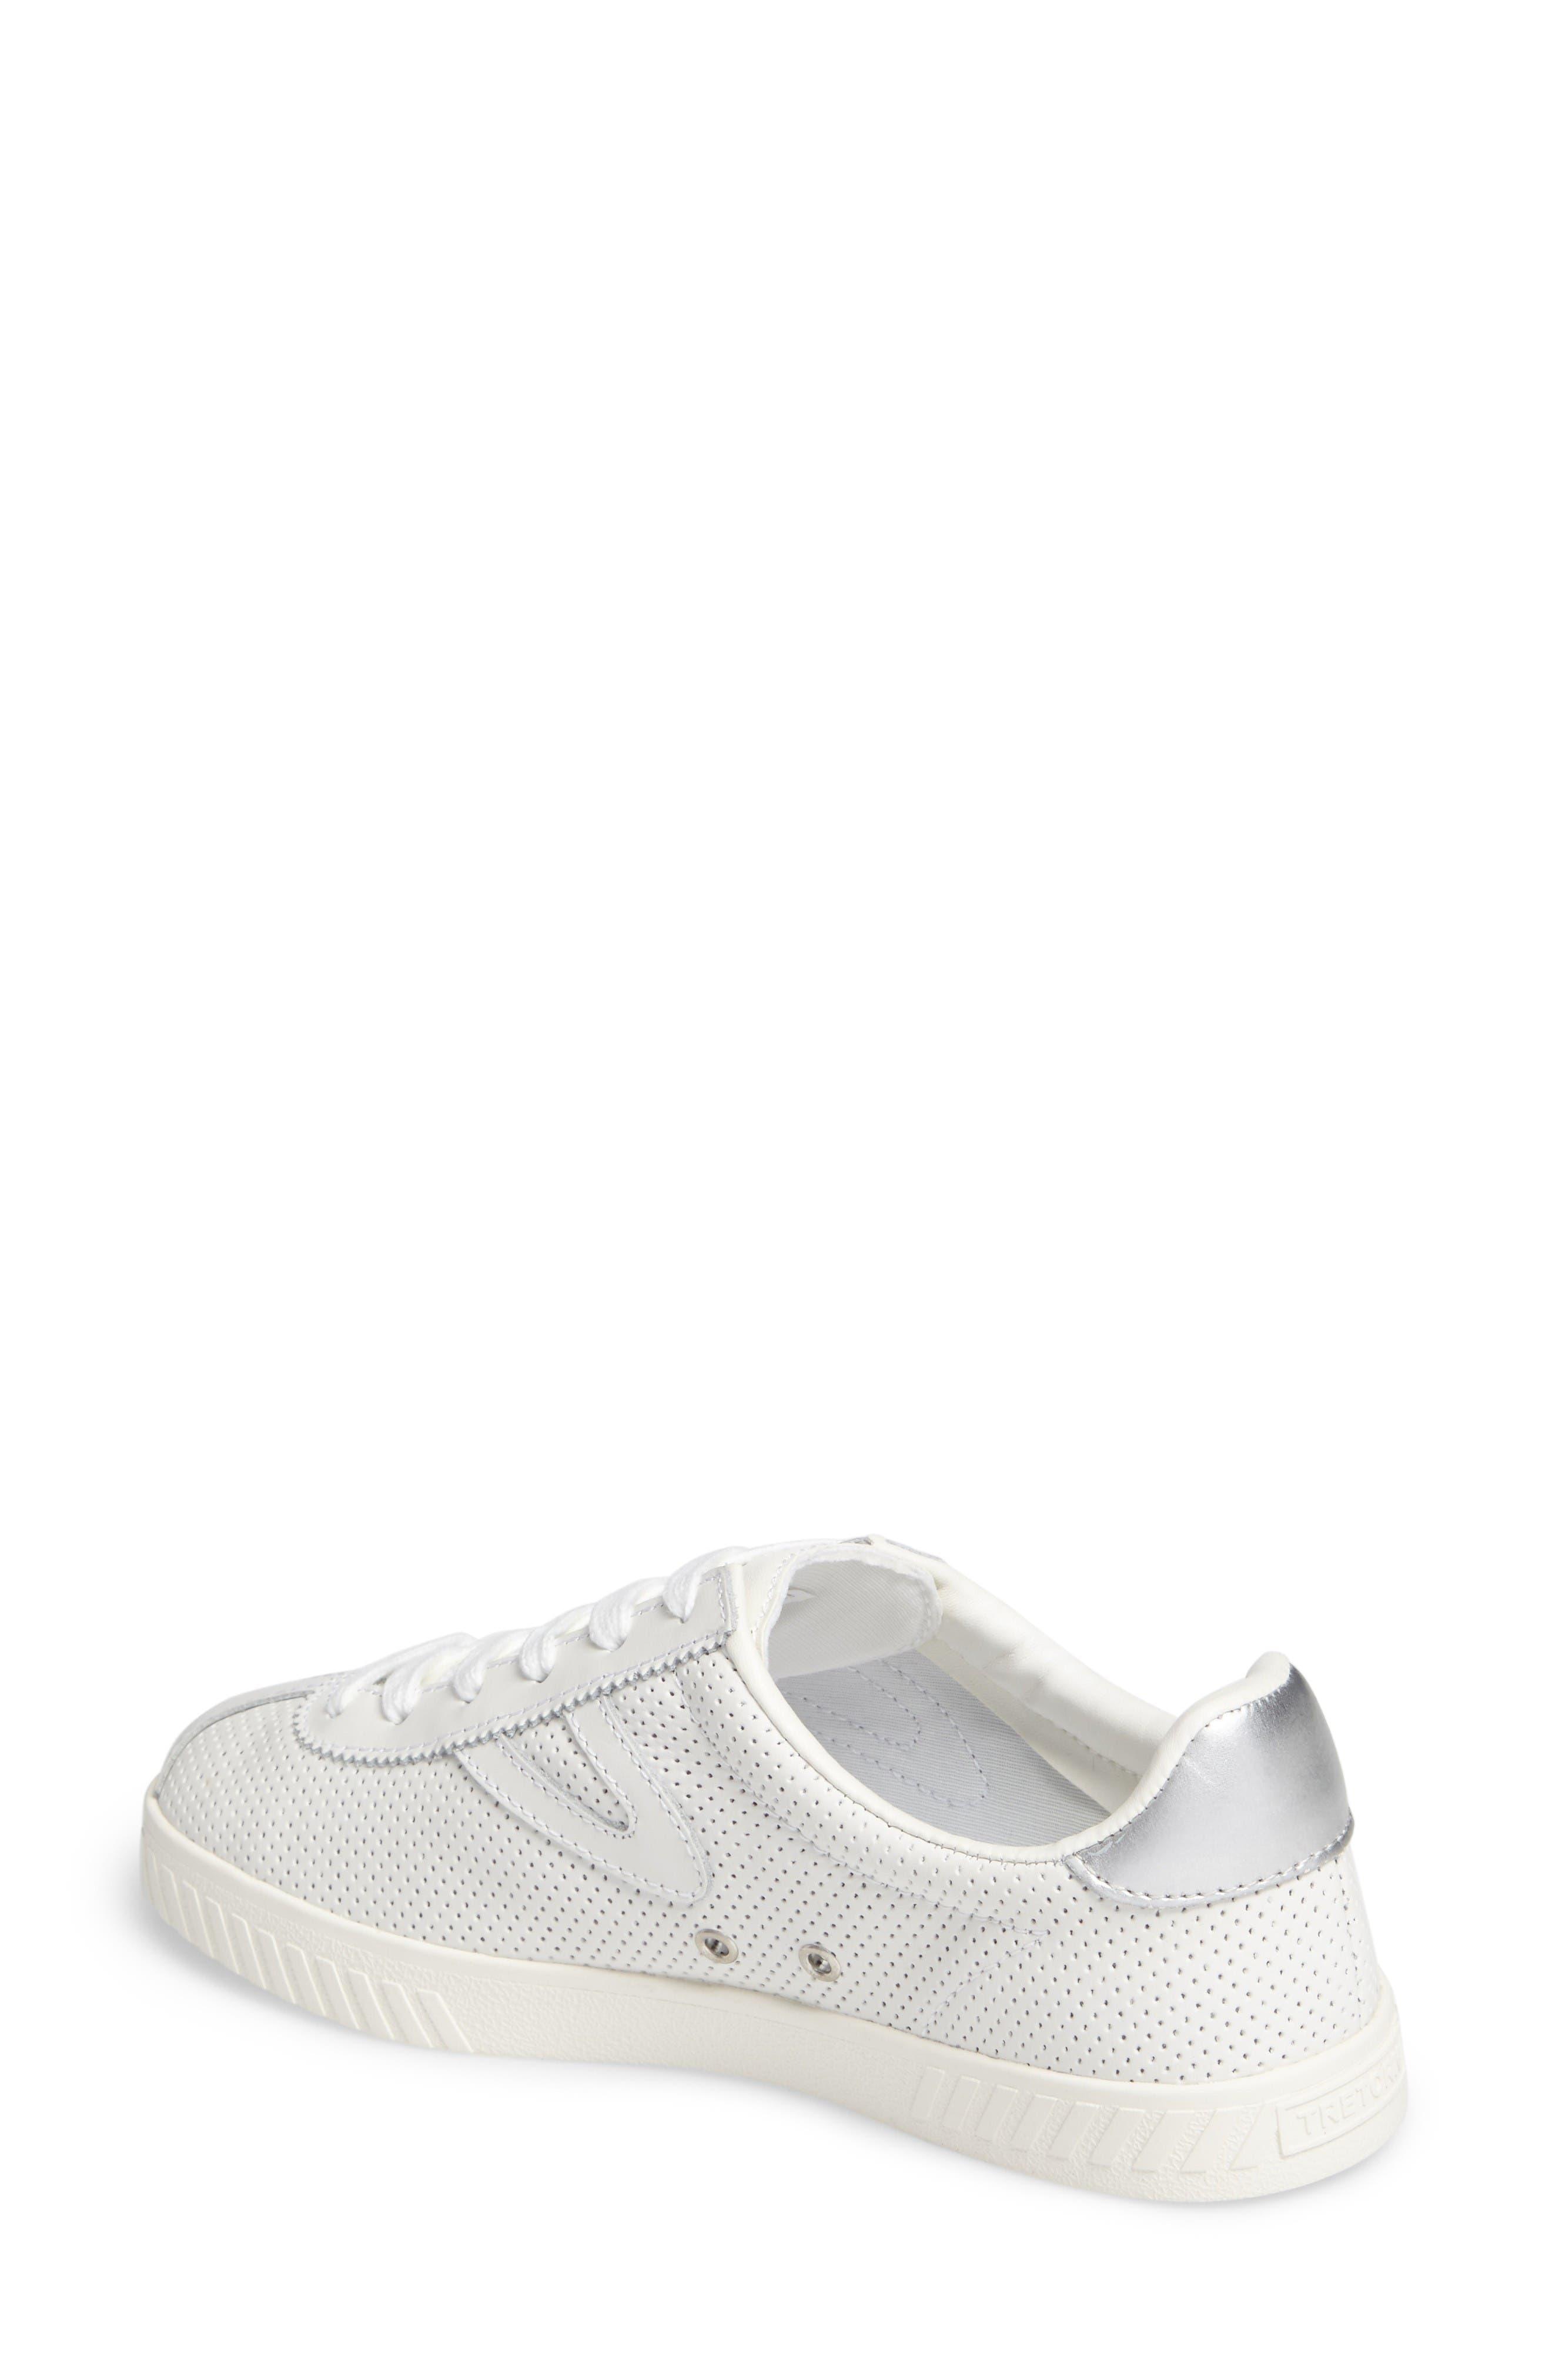 Camden 2 Sneaker,                             Alternate thumbnail 2, color,                             White/ White/ Silver